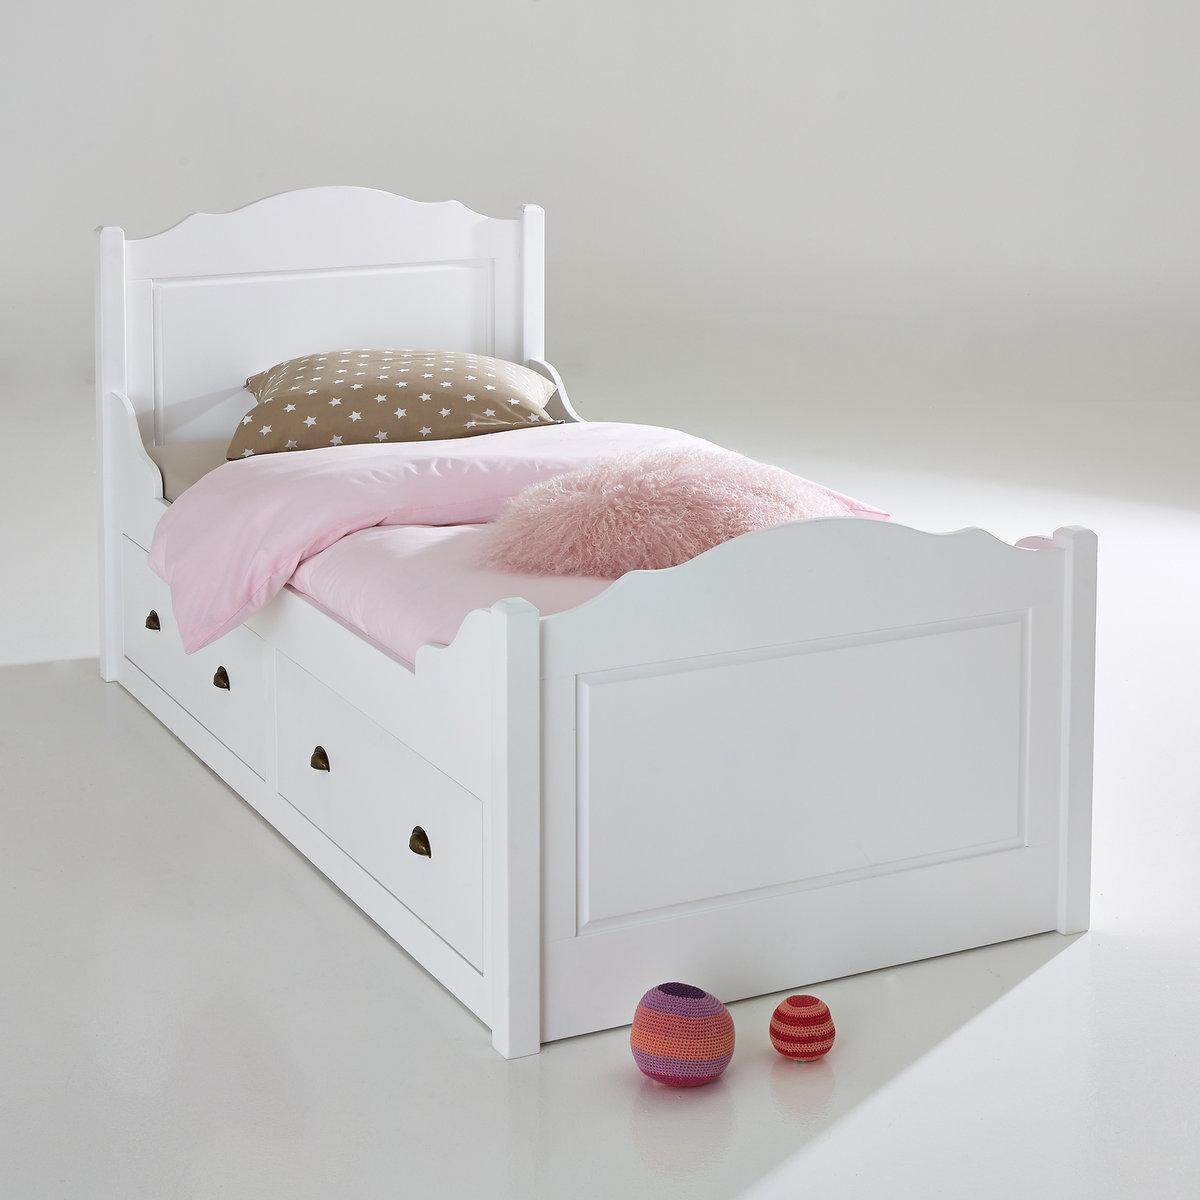 Кровать La Redoute С изогнутыми спинками и ящиками Authentic Style 90 x 190 см белый